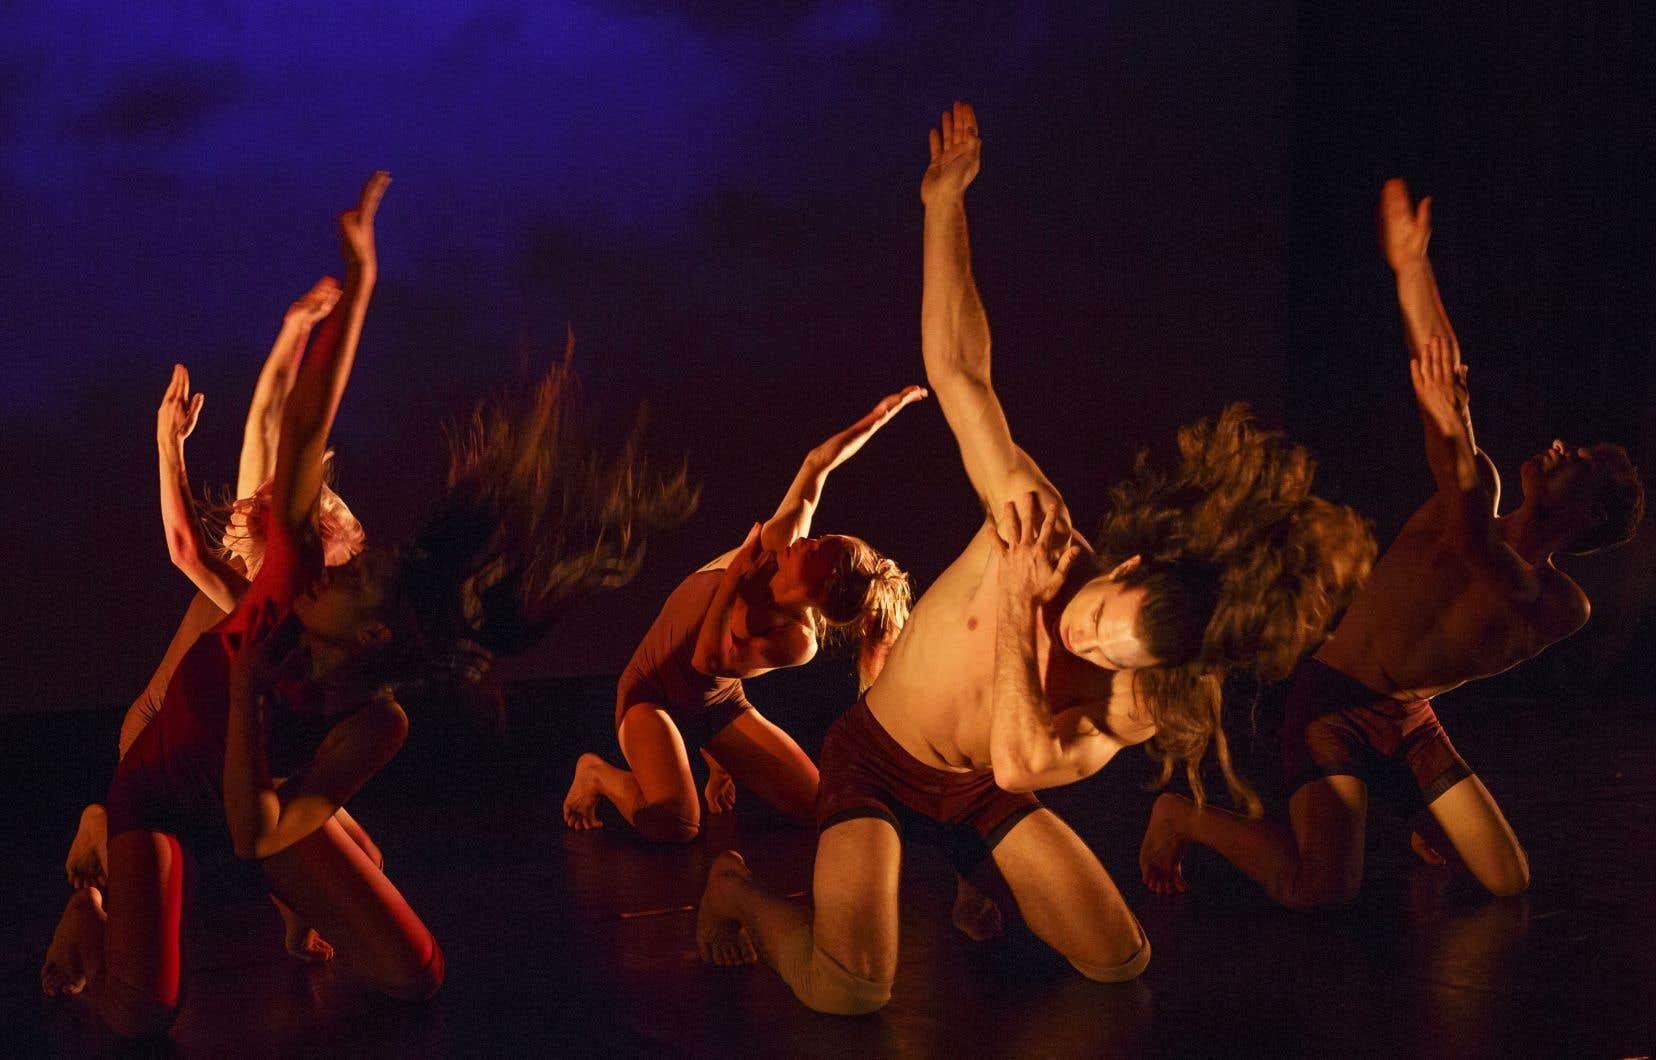 Il y a quelque chose d'épique dans la frontalité de ces mouvements d'ensemble, où chaque danseur semble devenir la vertèbre d'une colonne vertébrale collective.